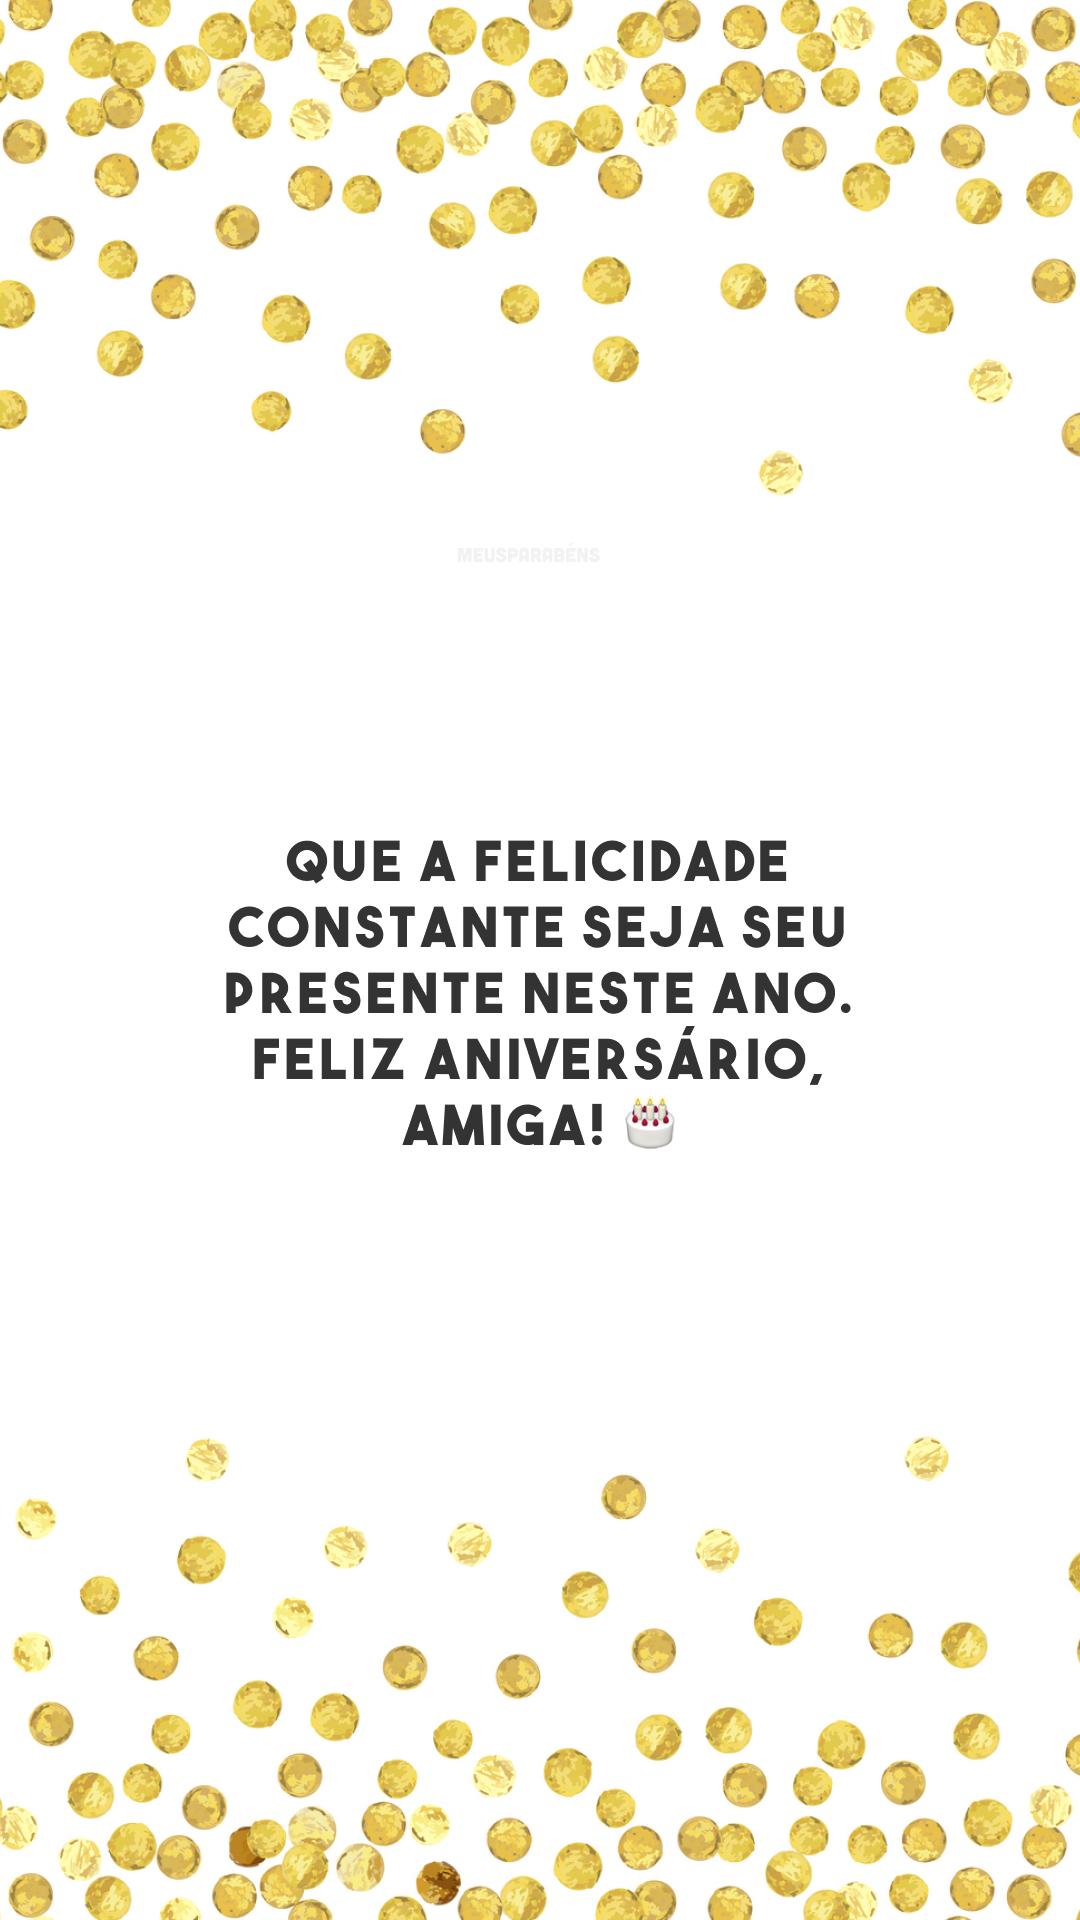 Que a felicidade constante seja seu presente neste ano. Feliz aniversário, amiga! 🎂